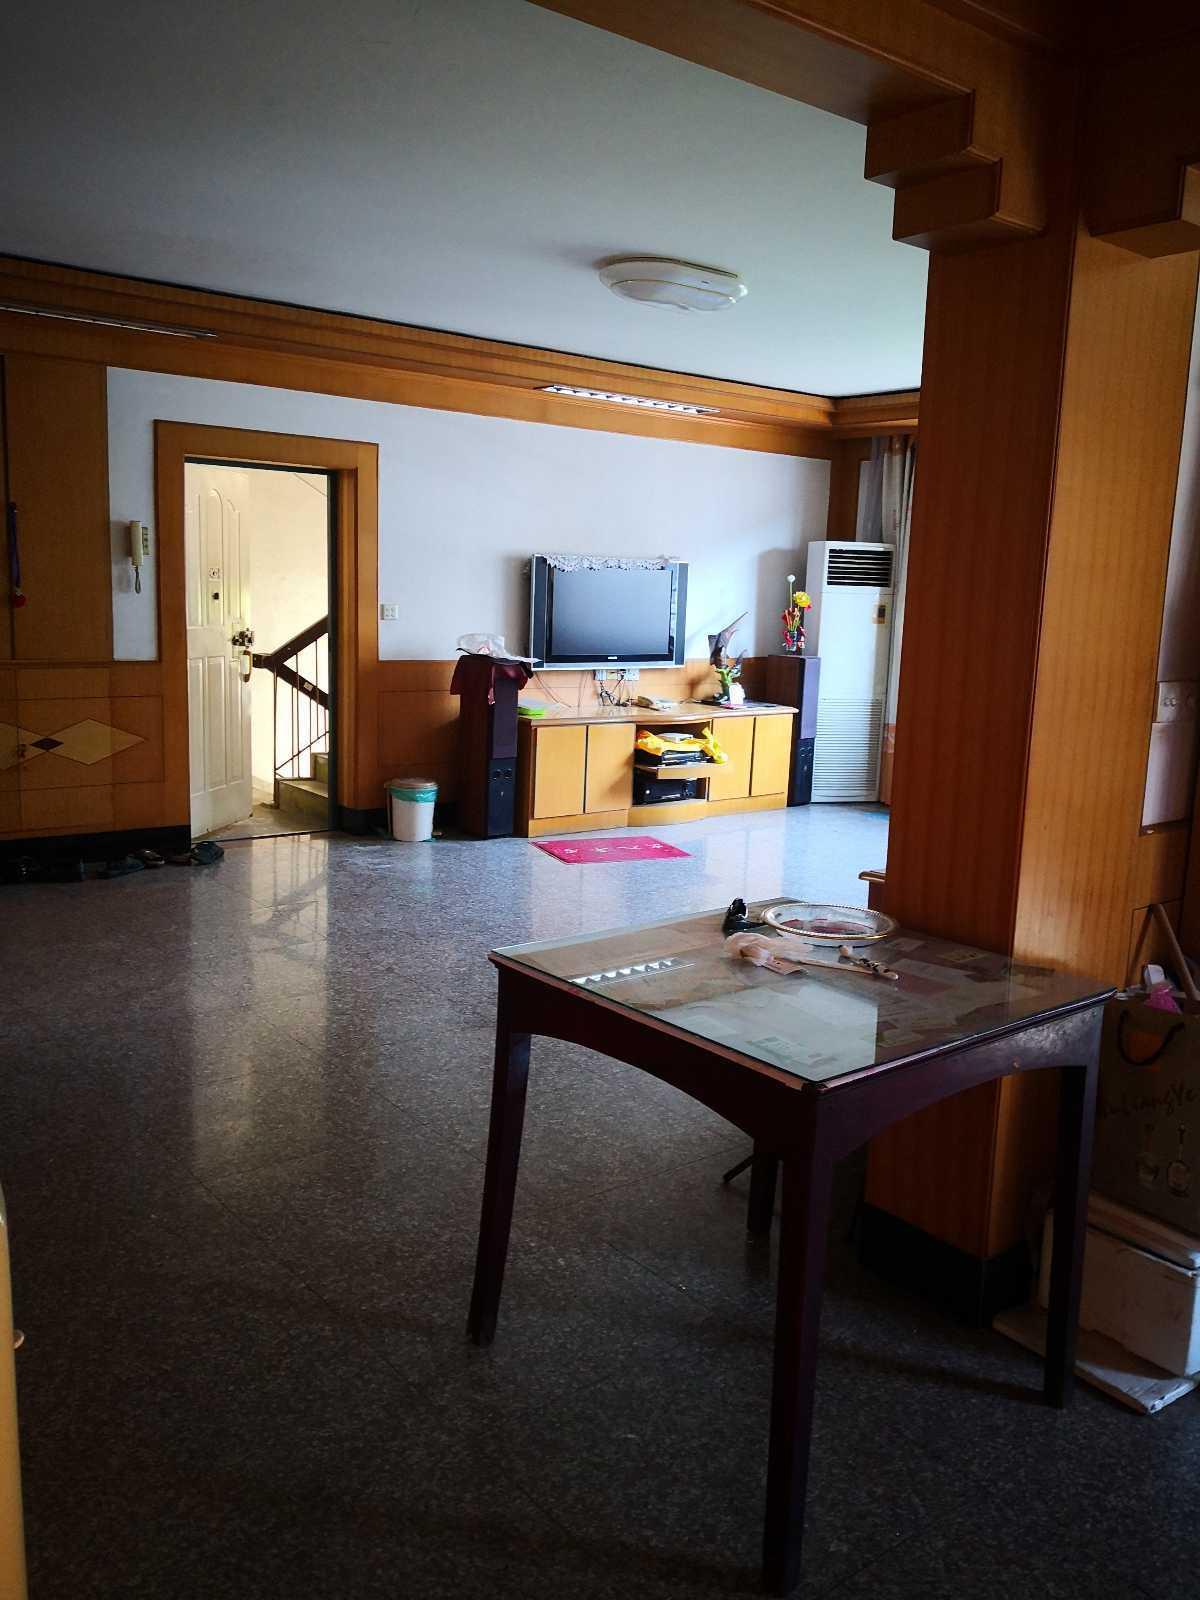 05028市区西前街剡山小学对面4楼,157平方,3室2厅2卫,中等装修,剡山小学马中学区,马上可报名的实拍照片